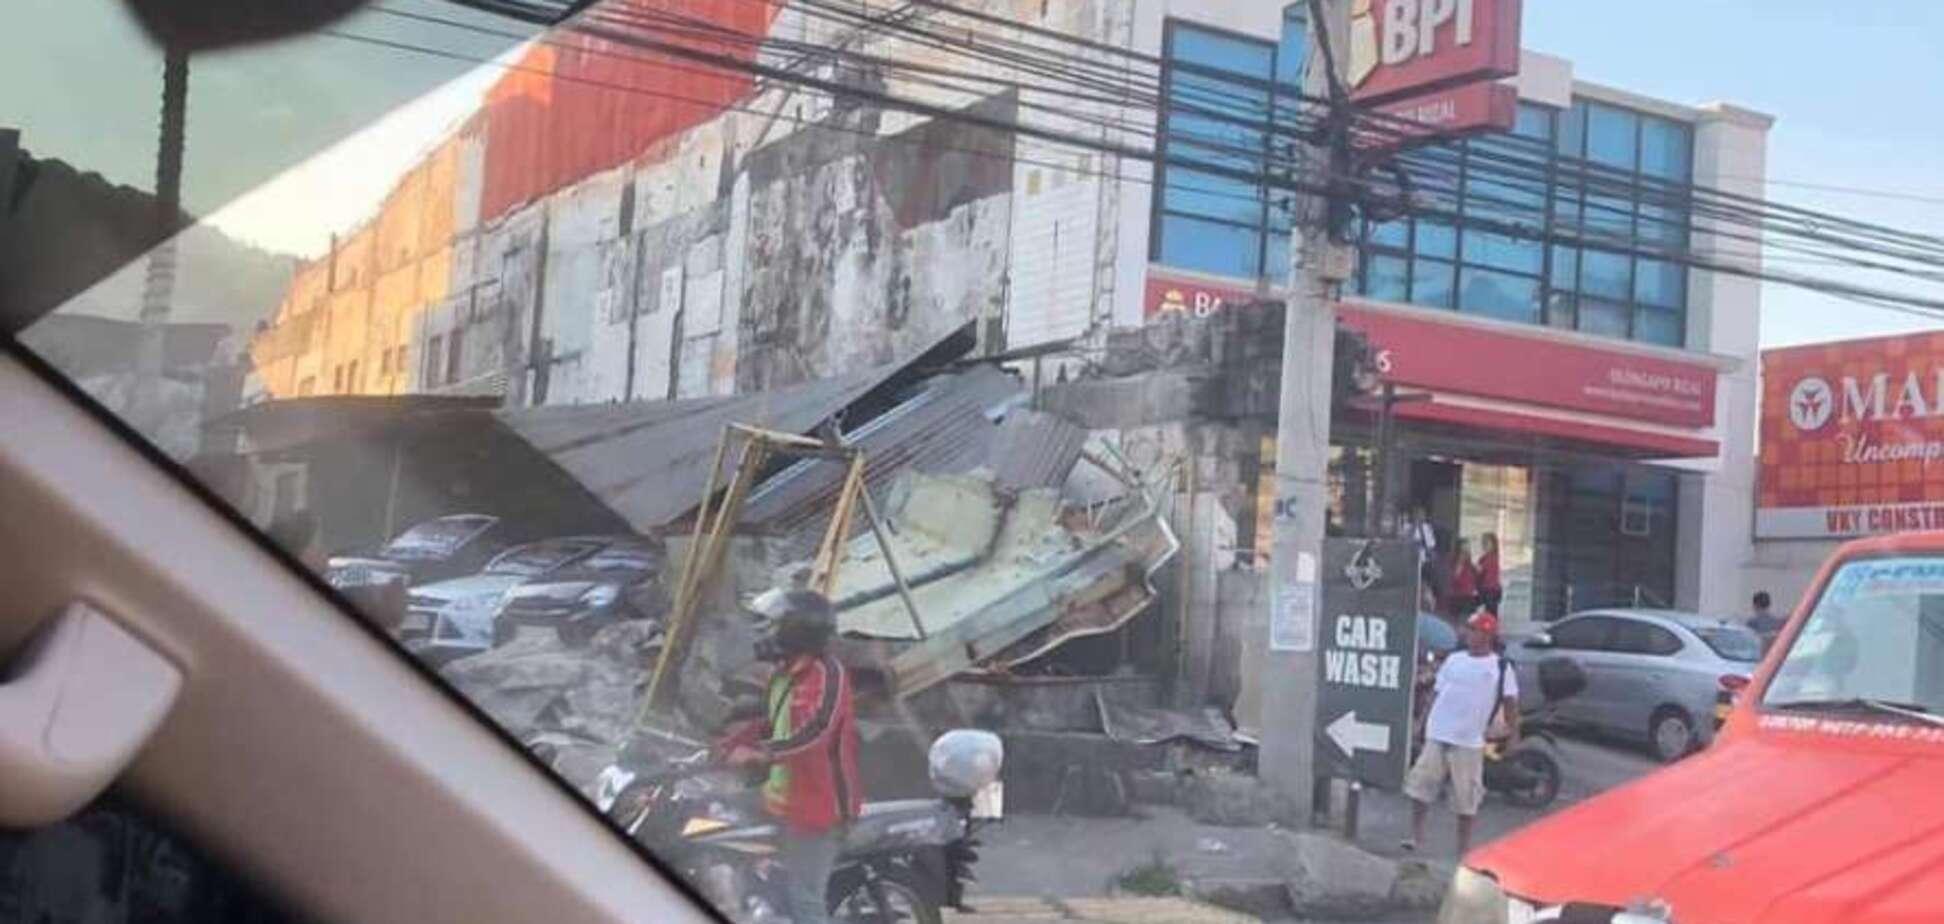 На Філіппінах стався потужний землетрус, 11 загиблих: лякаючі фото і відео